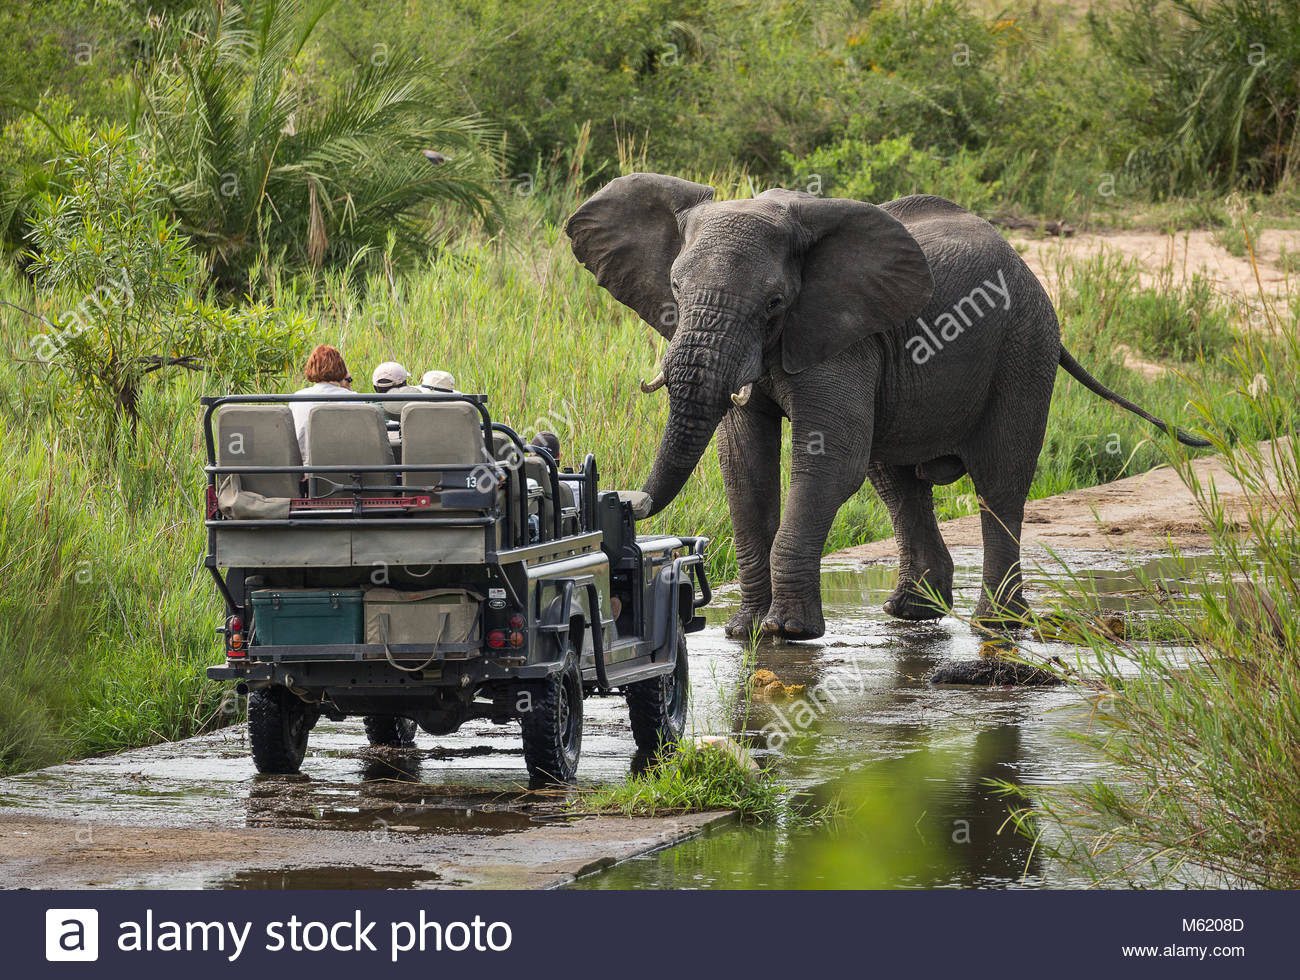 Ein großer Bulle Afrikanischer Elefant, Loxodonta africana, steht auf jeden Fall vor einer Safari Fahrzeug. Stockbild